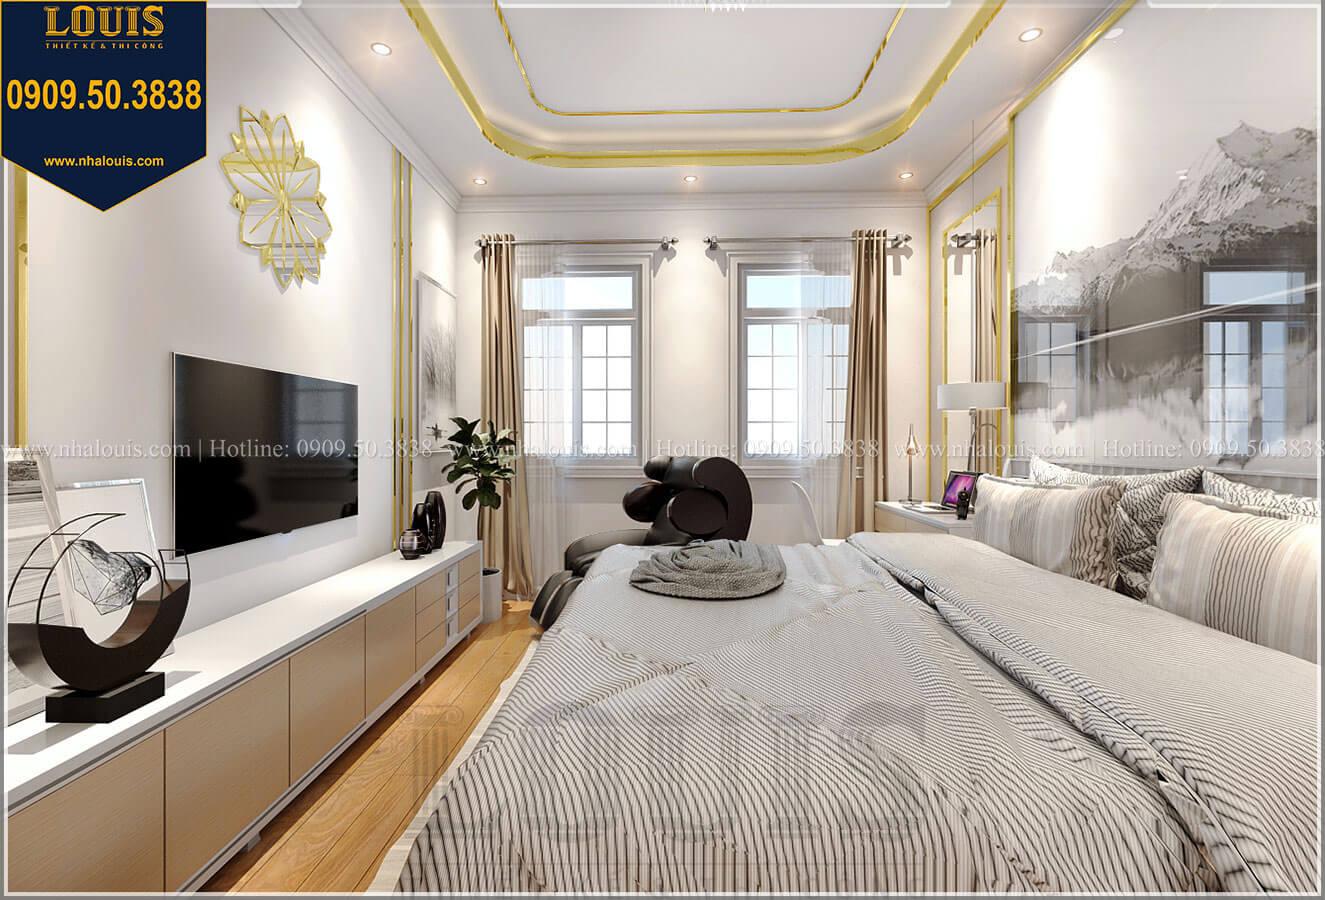 Phòng ngủ master Biệt thự mini phong cách đồng quê kiểu Mỹ tại Đăk Lăk - 21